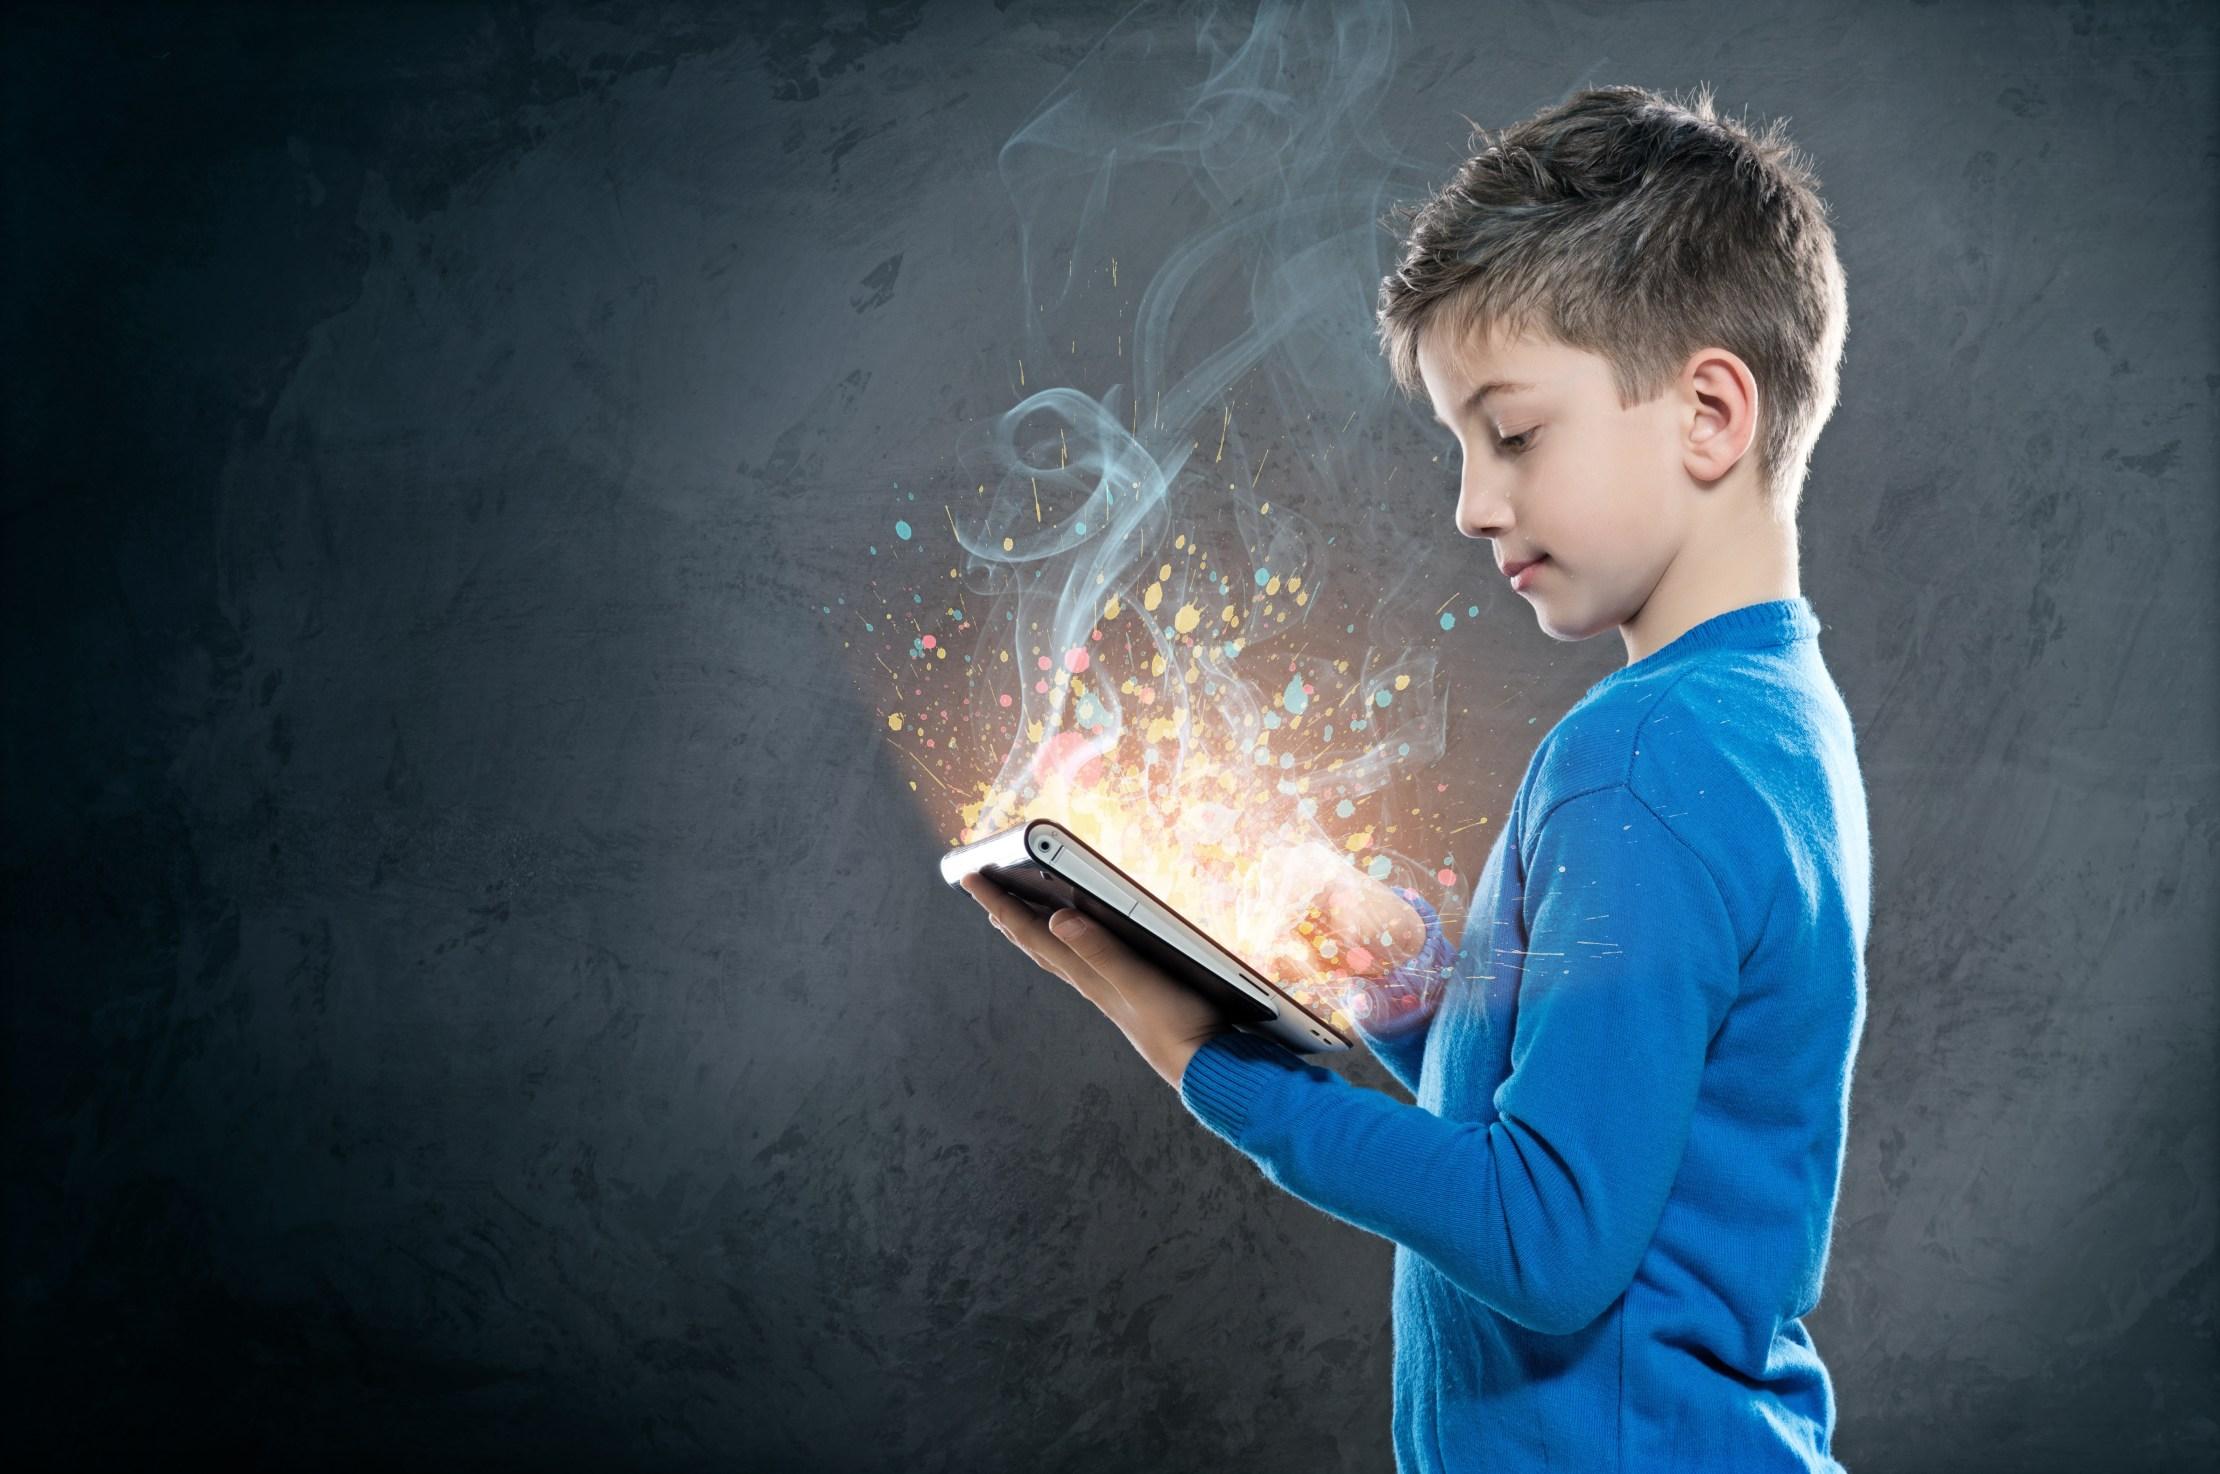 Las TIC contribuyen en la educación de los niños. Sin embargo, su uso no deja atrás las implicaciones negativas que estas podrían generar.  (Foto: Mediatelecom)